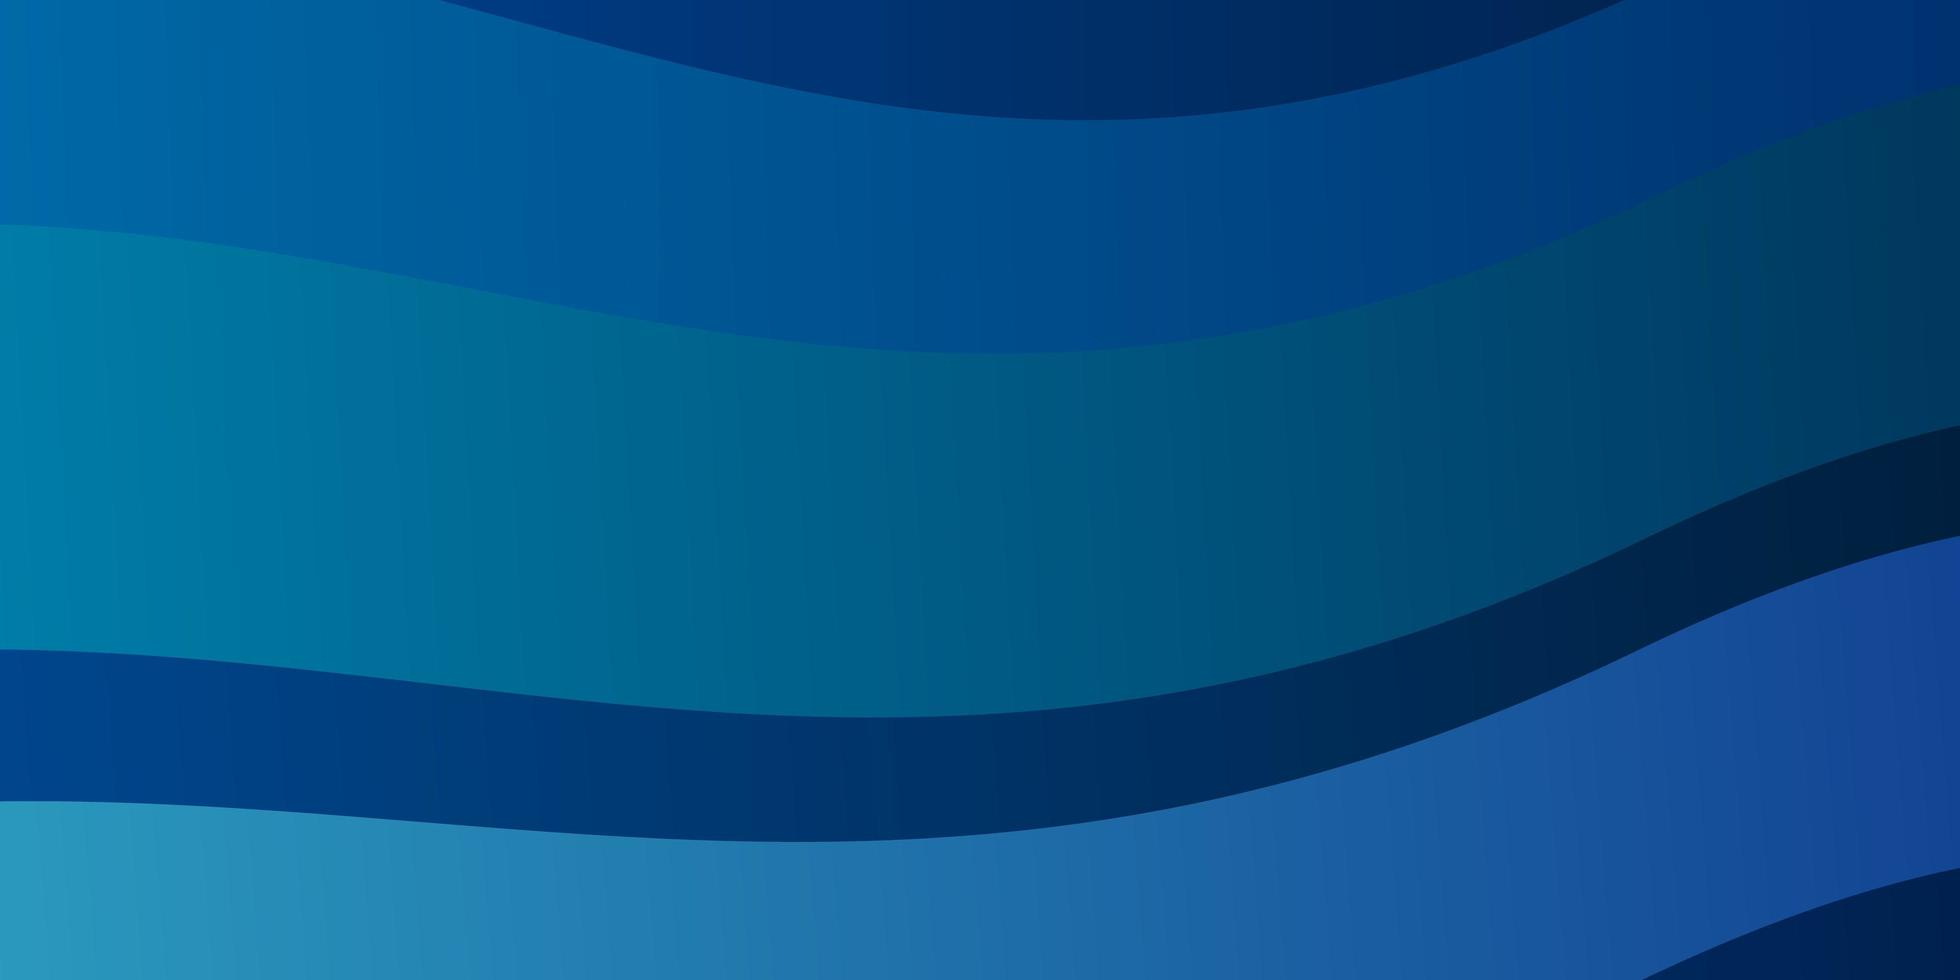 blauwe lay-out met gebogen lijnen. vector